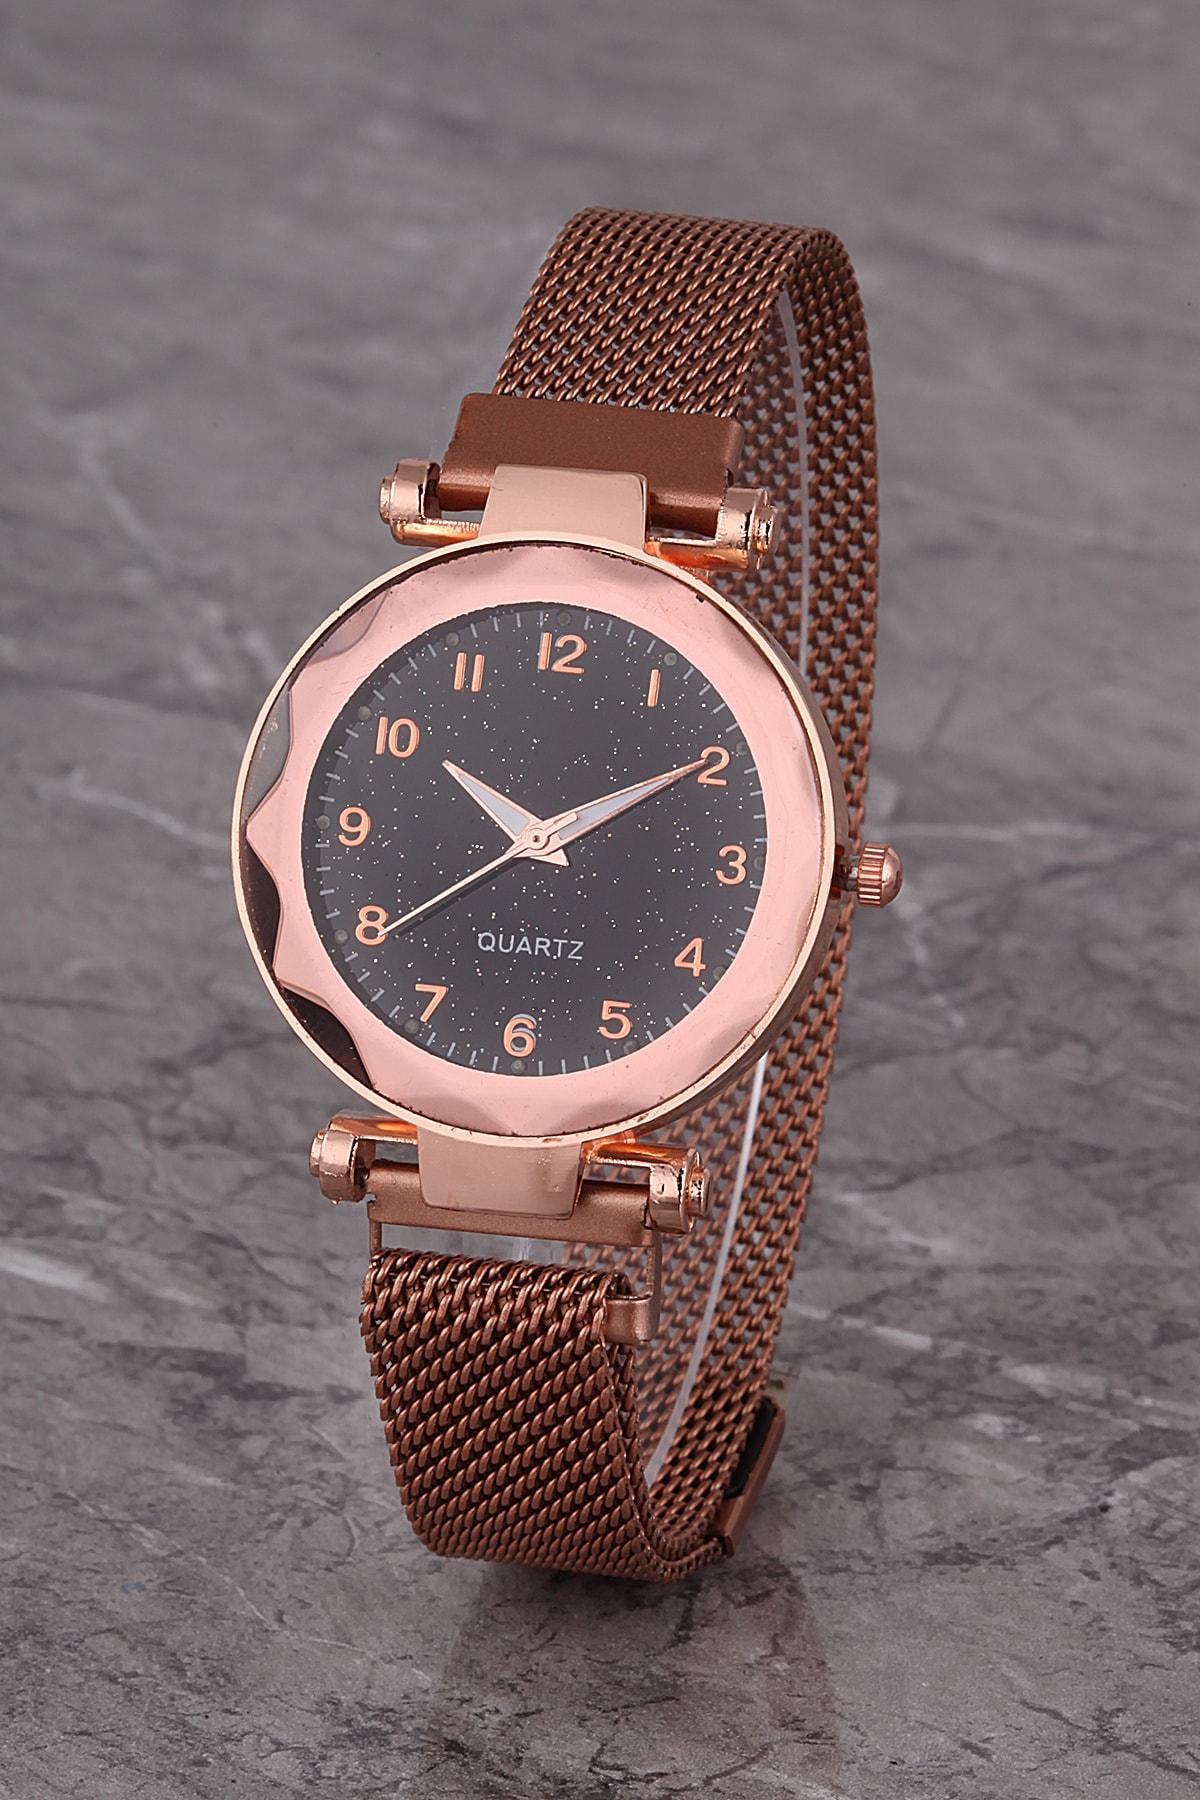 Polo55 Plkhm014r04 Kadın Saat Rose Numaralı Prizma Kadran Mıknatıslı Hasır Kordon 1